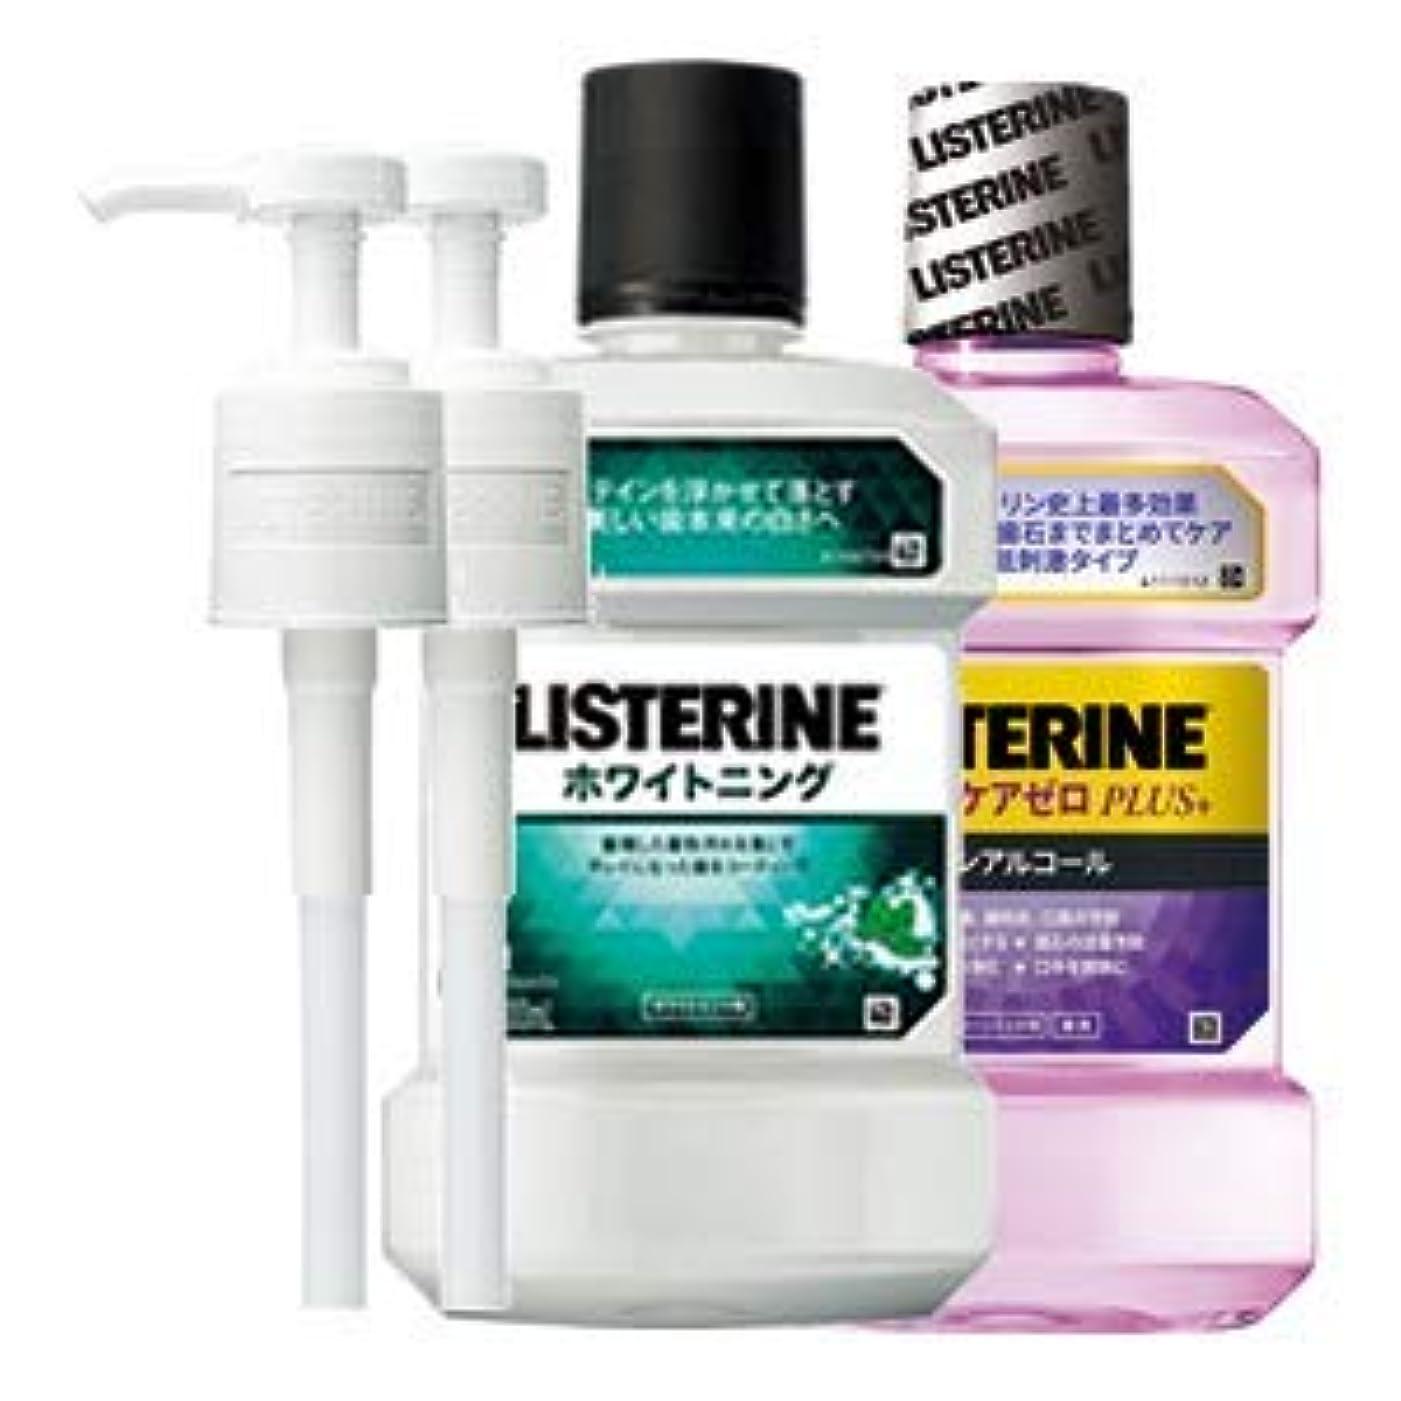 冗長人柄消す薬用 リステリン ホワイトニング トータルケアゼロプラス 1000mL 2点セット (ポンプ付)